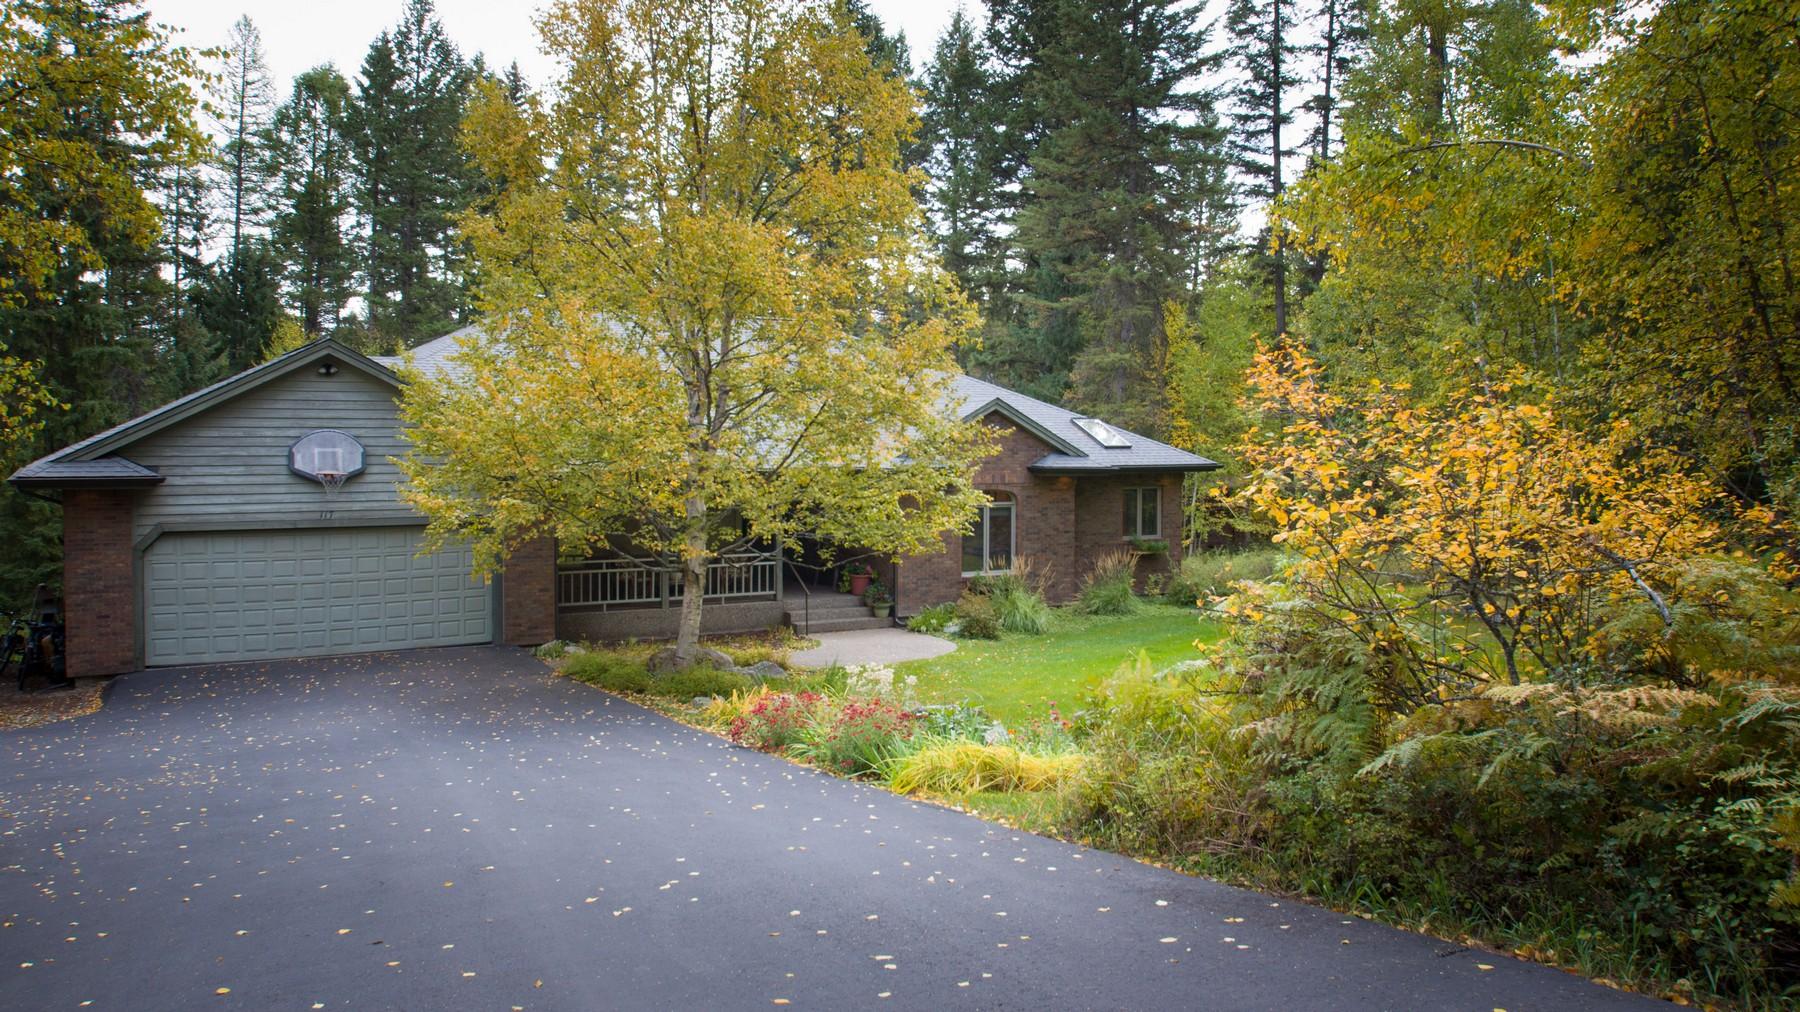 一戸建て のために 売買 アット 117 Park Knoll Ln , Whitefish, MT 59937 117 Park Knoll Ln Whitefish, モンタナ, 59937 アメリカ合衆国